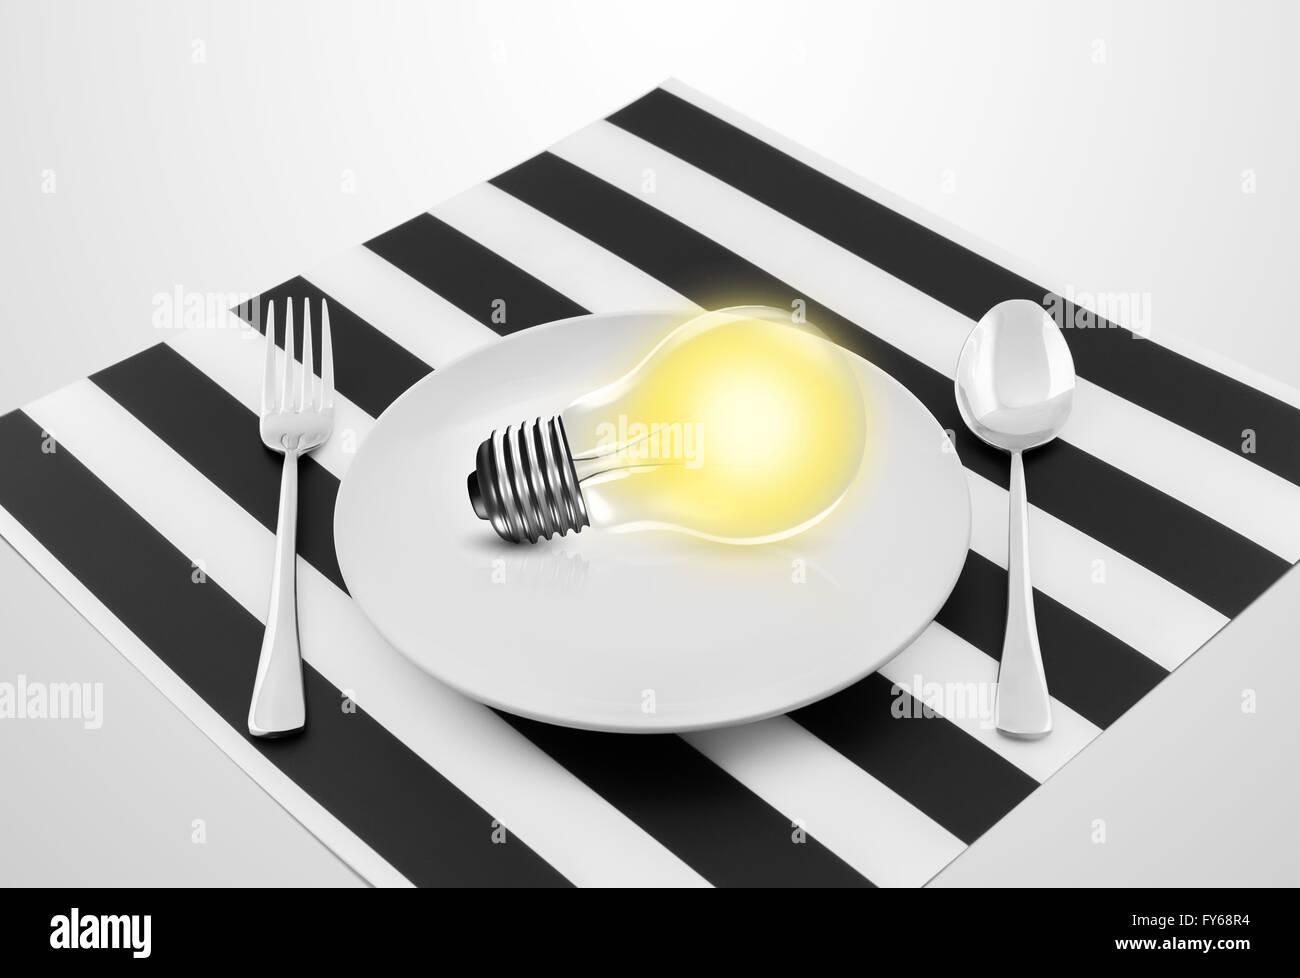 Lampe im Teller und Gabel und Löffel, dient eine Idee-Konzept Stockbild